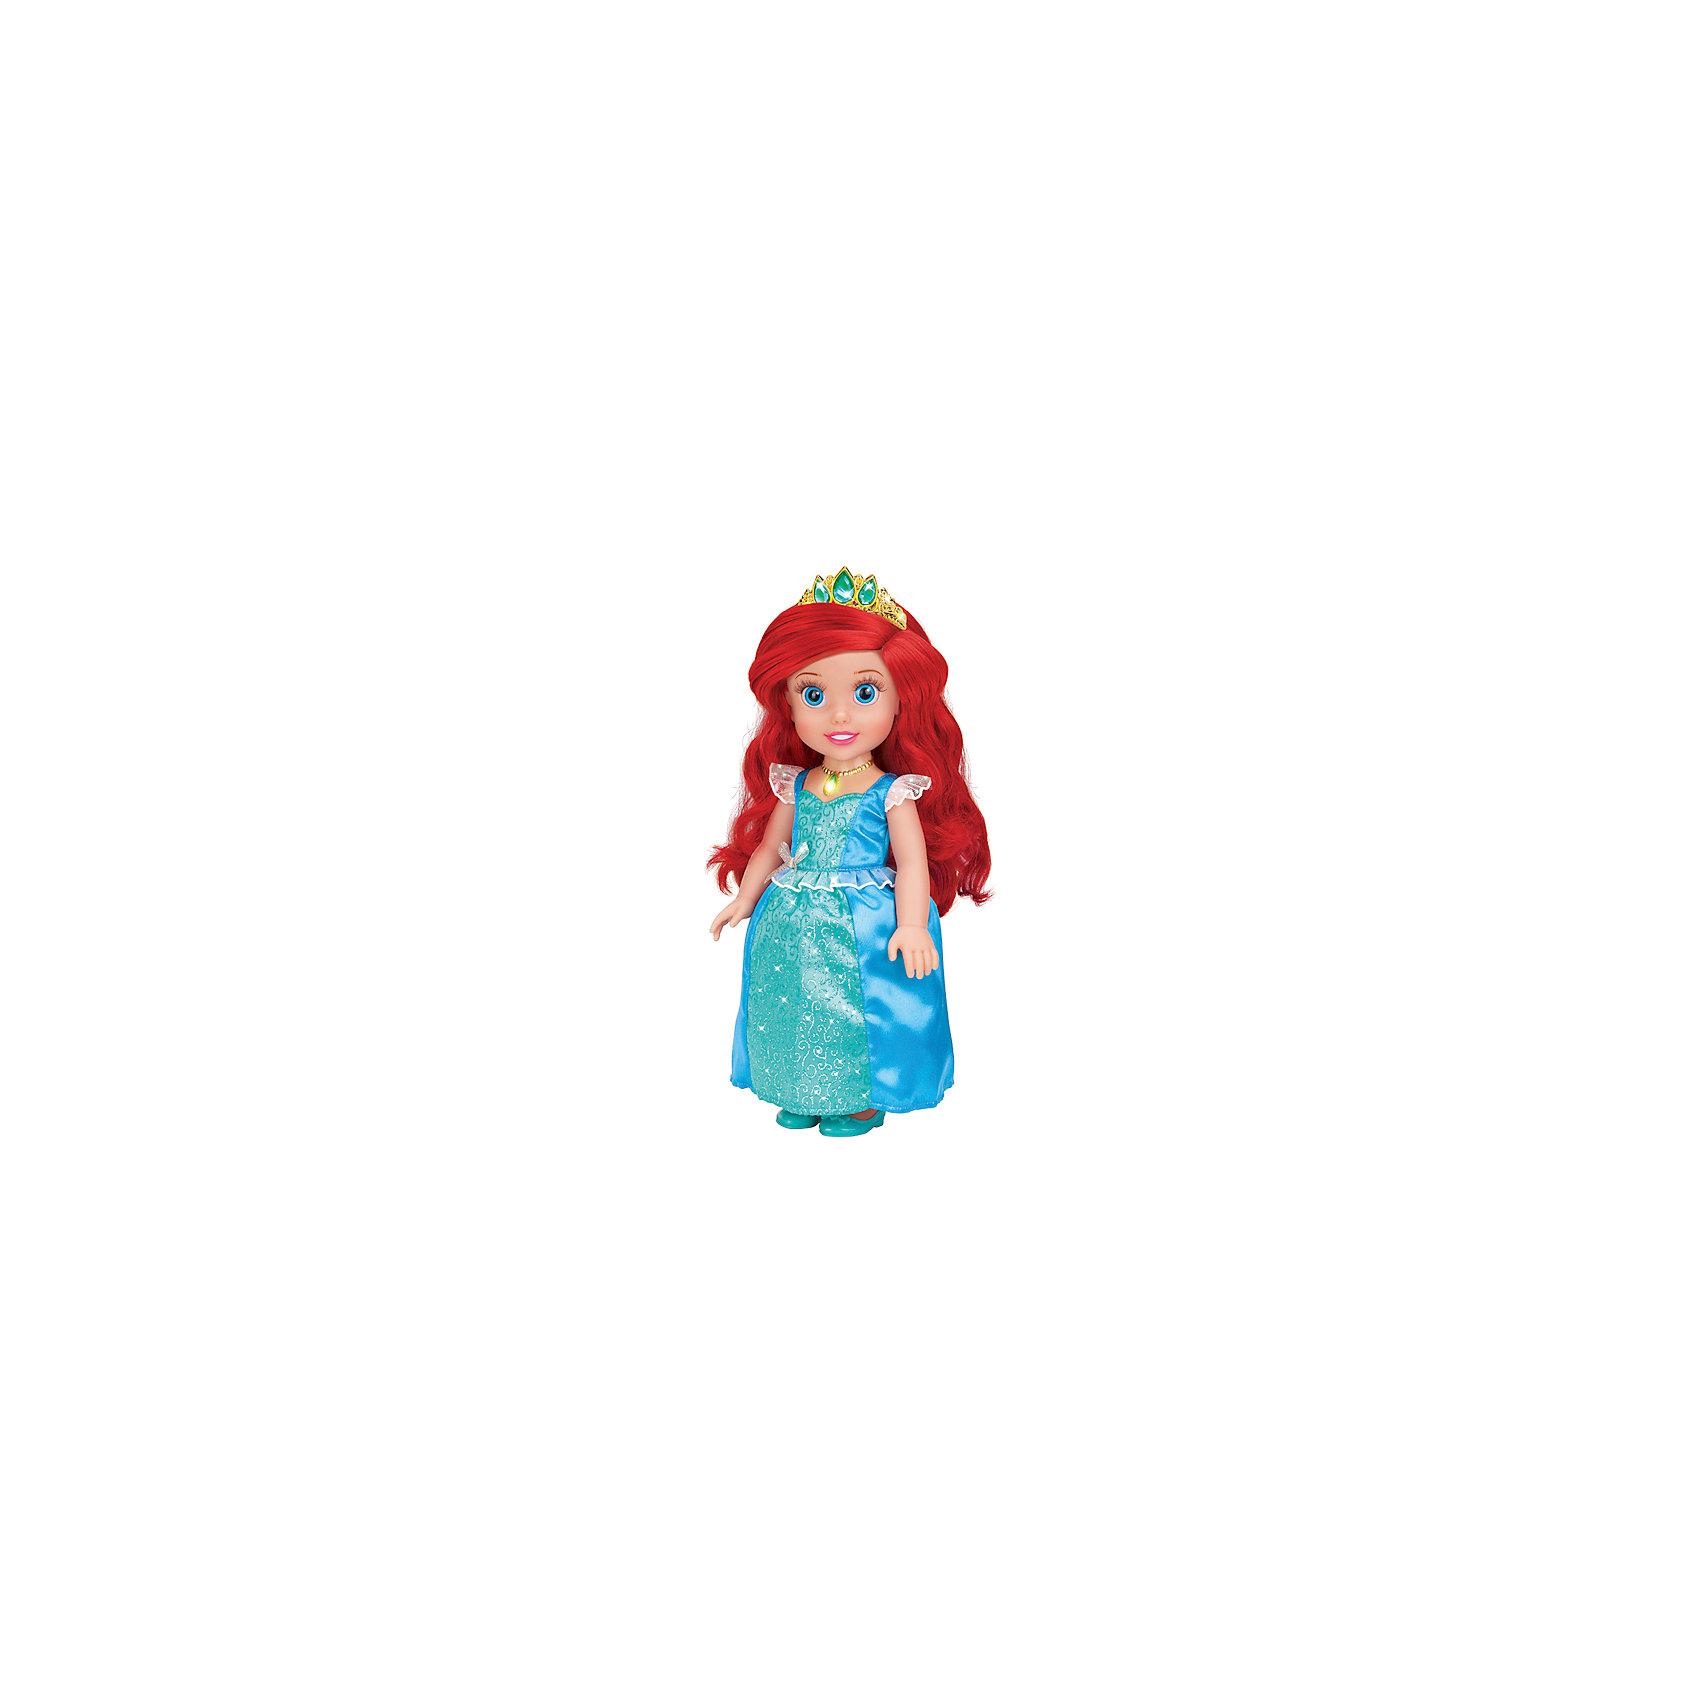 Кукла Ариэль со светящимся амулетом, 37 см, со звуком, Принцессы Дисней, КарапузВсе малышки обожают диснеевские сказки про принцесс! Но до того, как русалочка стала взрослой, она была очаровательной малышкой, такой как куколка Ариэль из серии Disney Princess (Принцессы Диснея), Карапуз. Малышка Ариэль совершенно очаровательное создание: у нее выразительные глазки, длинные ресницы и целая копна шелковистых рыжих волос.  Девочка будет с восхищением расчесывать свою маленькую принцессу, переодевать и слушать замечательную песенку.  Как у любой принцессы у куколки есть драгоценная тиара и волшебный светящийся амулет. Прекрасное платьице малышки можно снимать и придумывать ей другие наряды, еще Ариэль умеет говорить! <br><br>Дополнительная информация:<br><br>- Комплект: кукла, амулет, диадема, туфельки;<br>- Куколка говорит фразу и поет песенку;<br>- Куколка создана по мотивам мультфильмов Disney (Дисней);<br>- Работает от  батареек: 3 х AG3 / LR41 (таблетки);<br>- Материал: пластик, текстиль;<br>- Прекрасная детализация;<br>- Ручки и ножки подвижны;<br>- Высота куколки: 37 см;<br>- Вес: 920 г<br><br>Куклу Ариэль со светящимся амулетом, 37 см, со звуком,  Disney Princess (Принцессы Диснея), Карапуз можно купить в нашем интернет-магазине.<br><br>Ширина мм: 220<br>Глубина мм: 400<br>Высота мм: 130<br>Вес г: 920<br>Возраст от месяцев: 36<br>Возраст до месяцев: 84<br>Пол: Женский<br>Возраст: Детский<br>SKU: 3996822